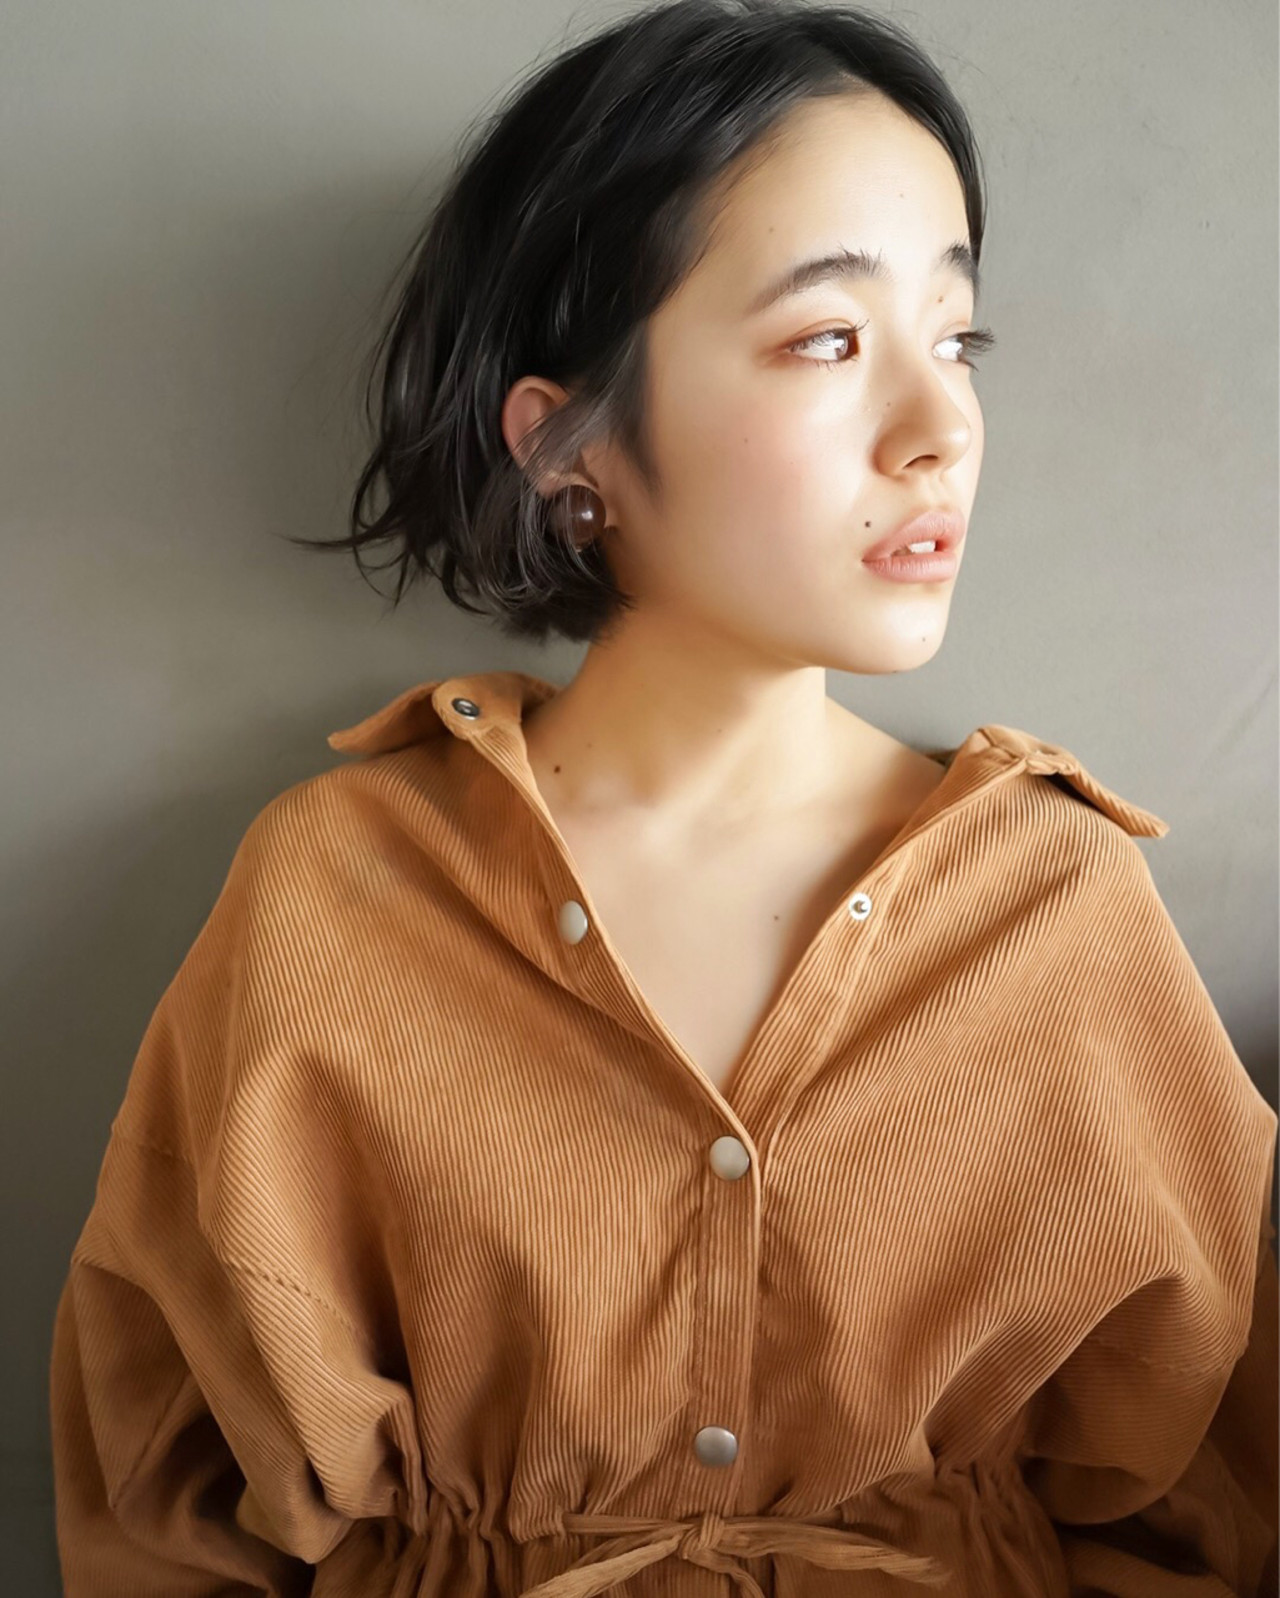 ナチュラル 無造作 くせ毛風 アンニュイ ヘアスタイルや髪型の写真・画像